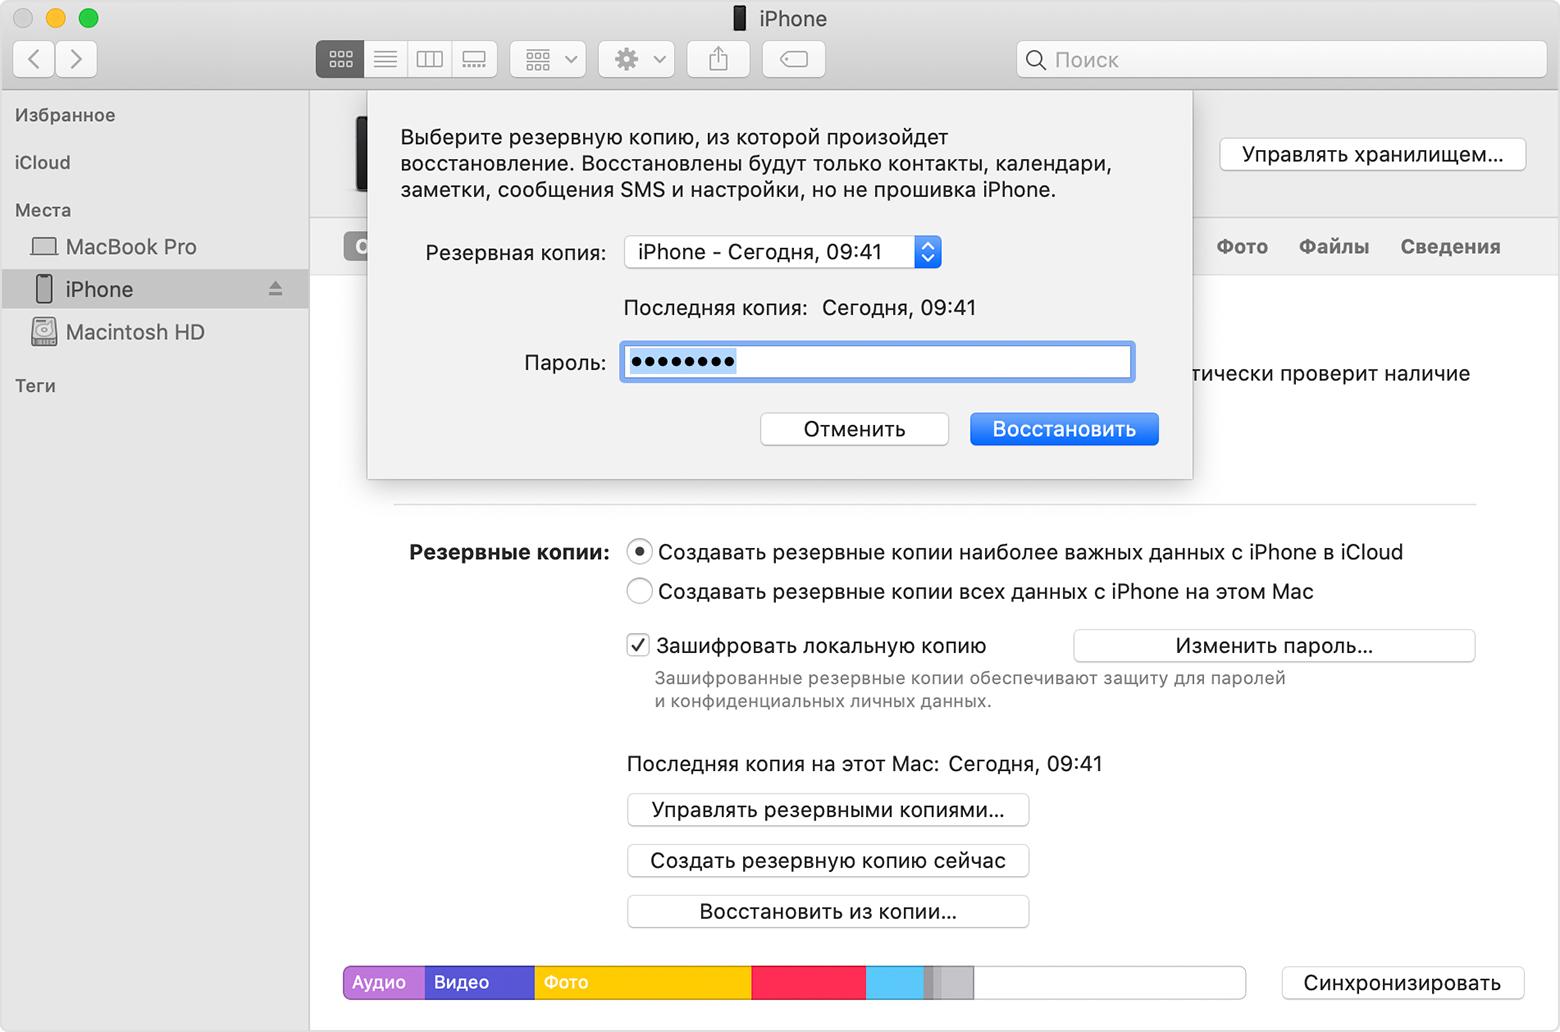 ввести пароль для восстановления резервной копии iPhone